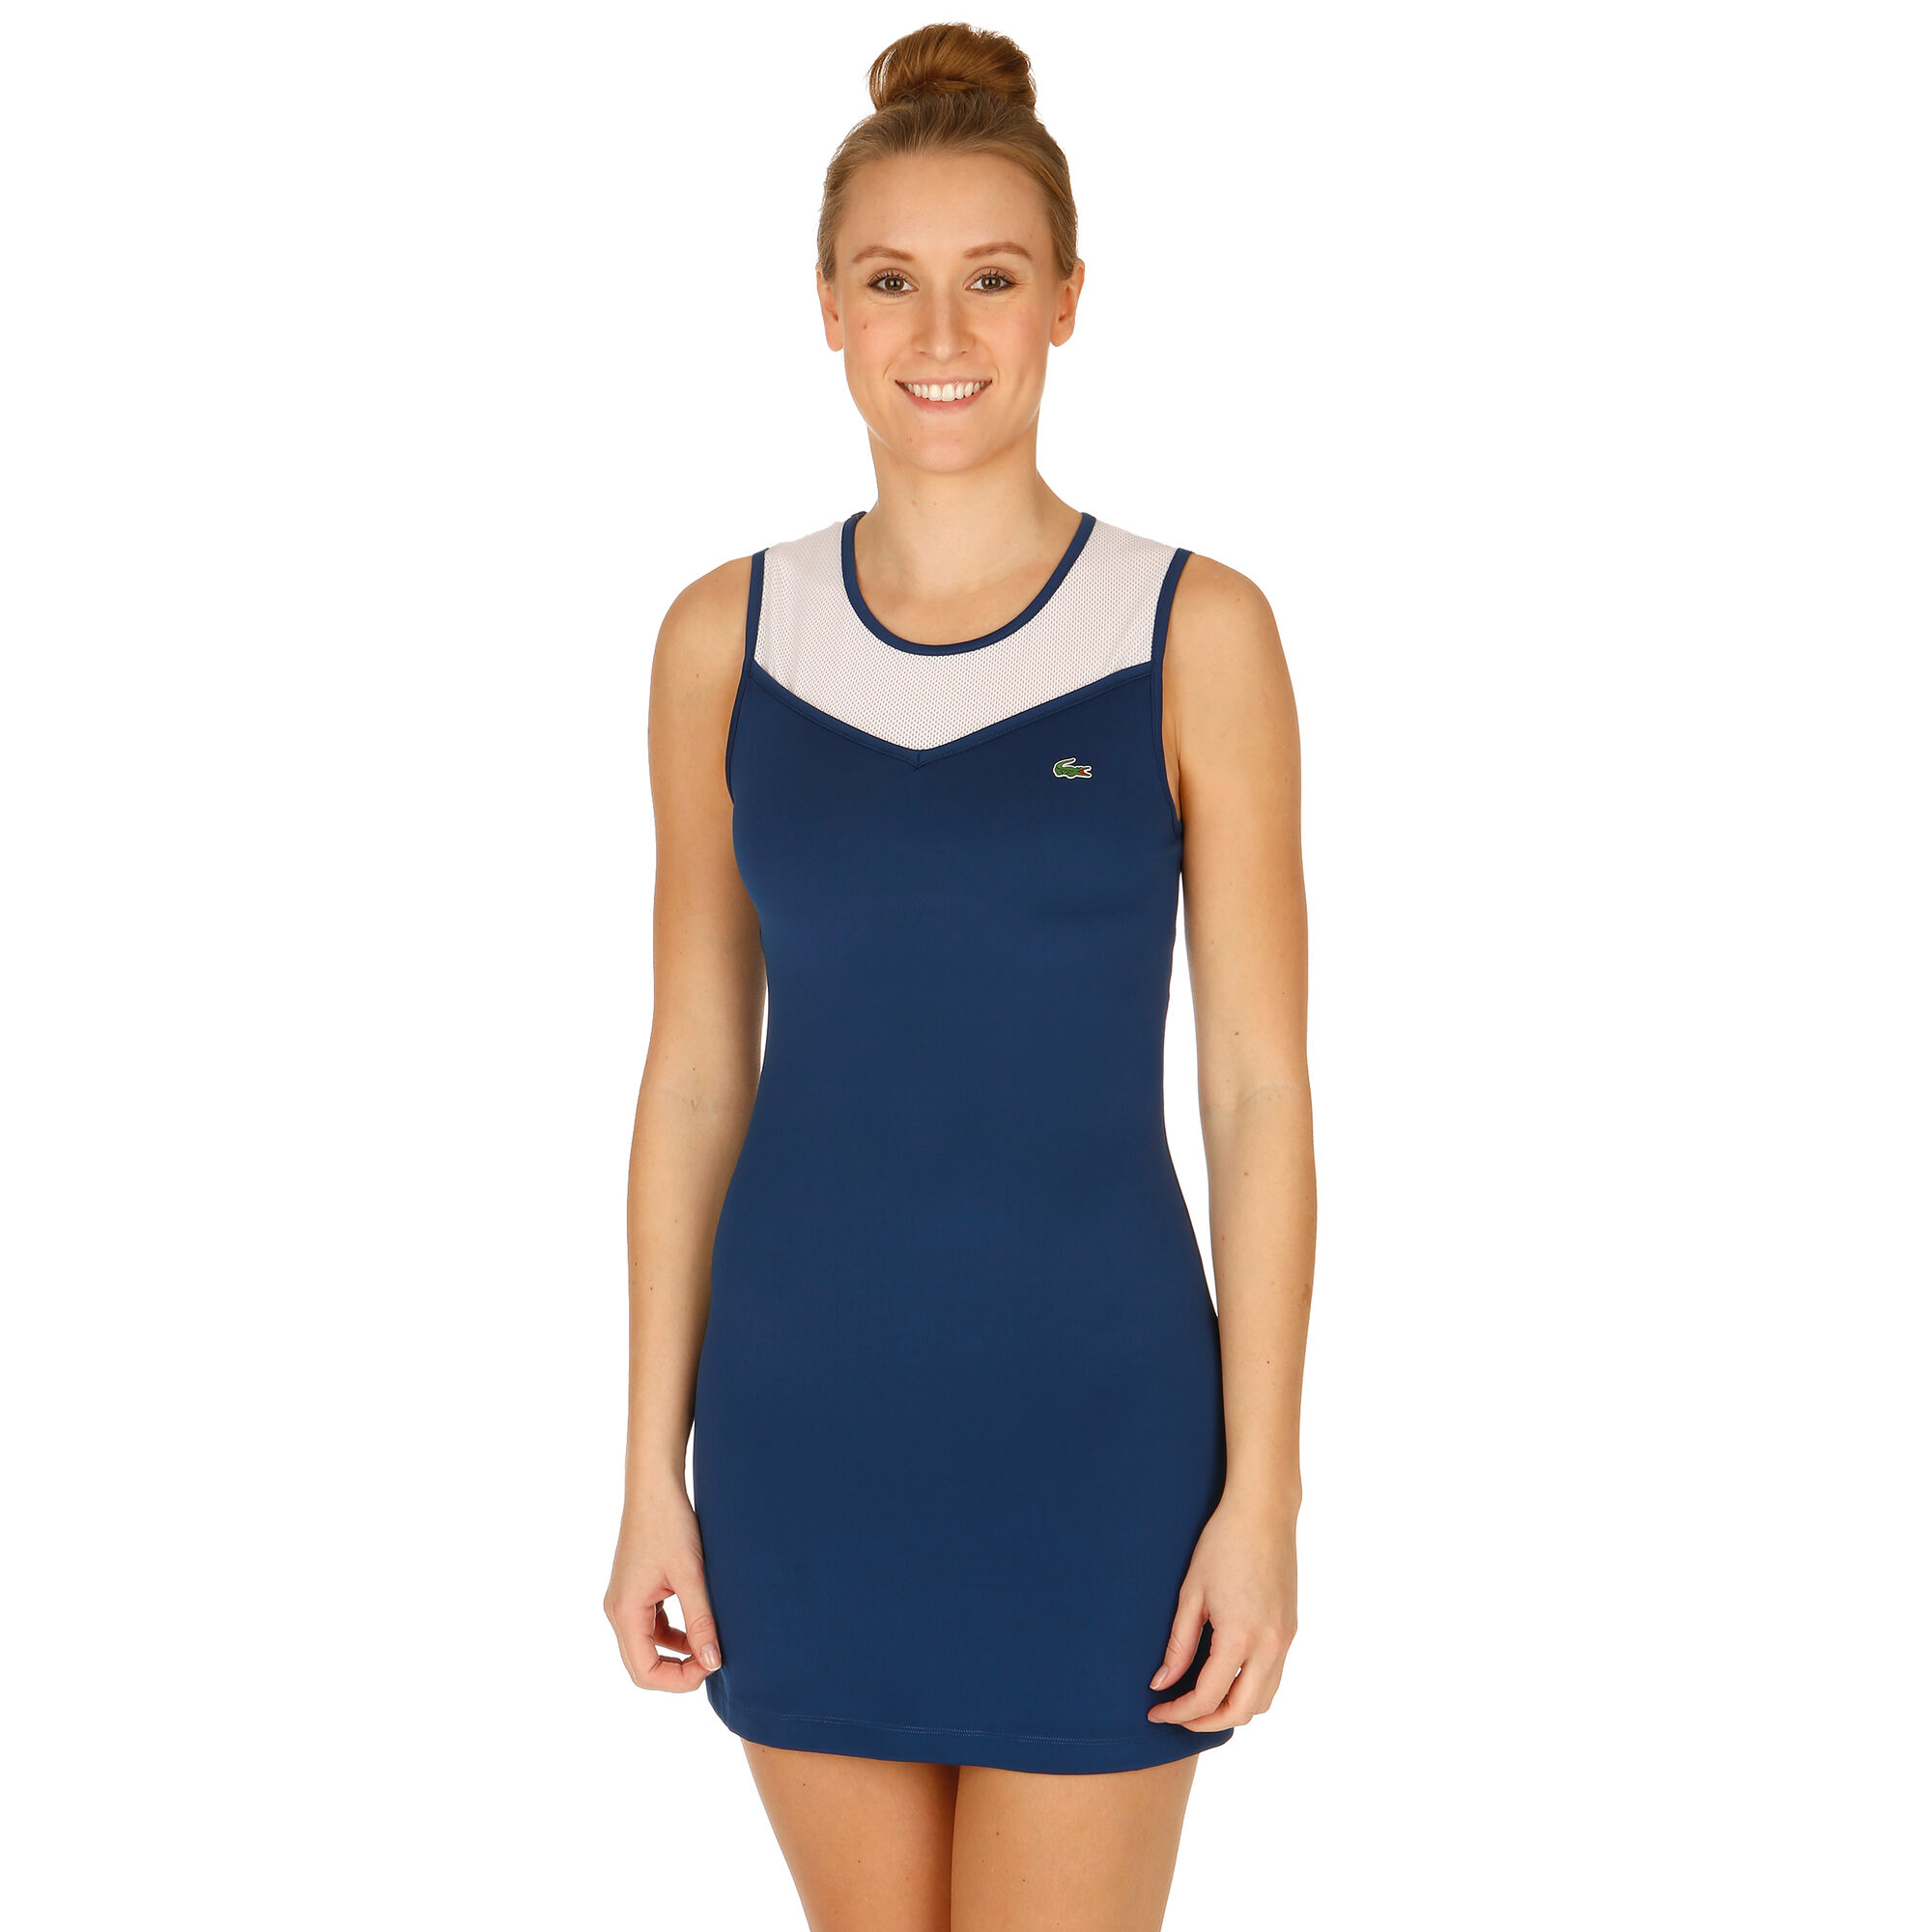 Lacoste Kleid Damen - Dunkelblau, Weiß online kaufen ...